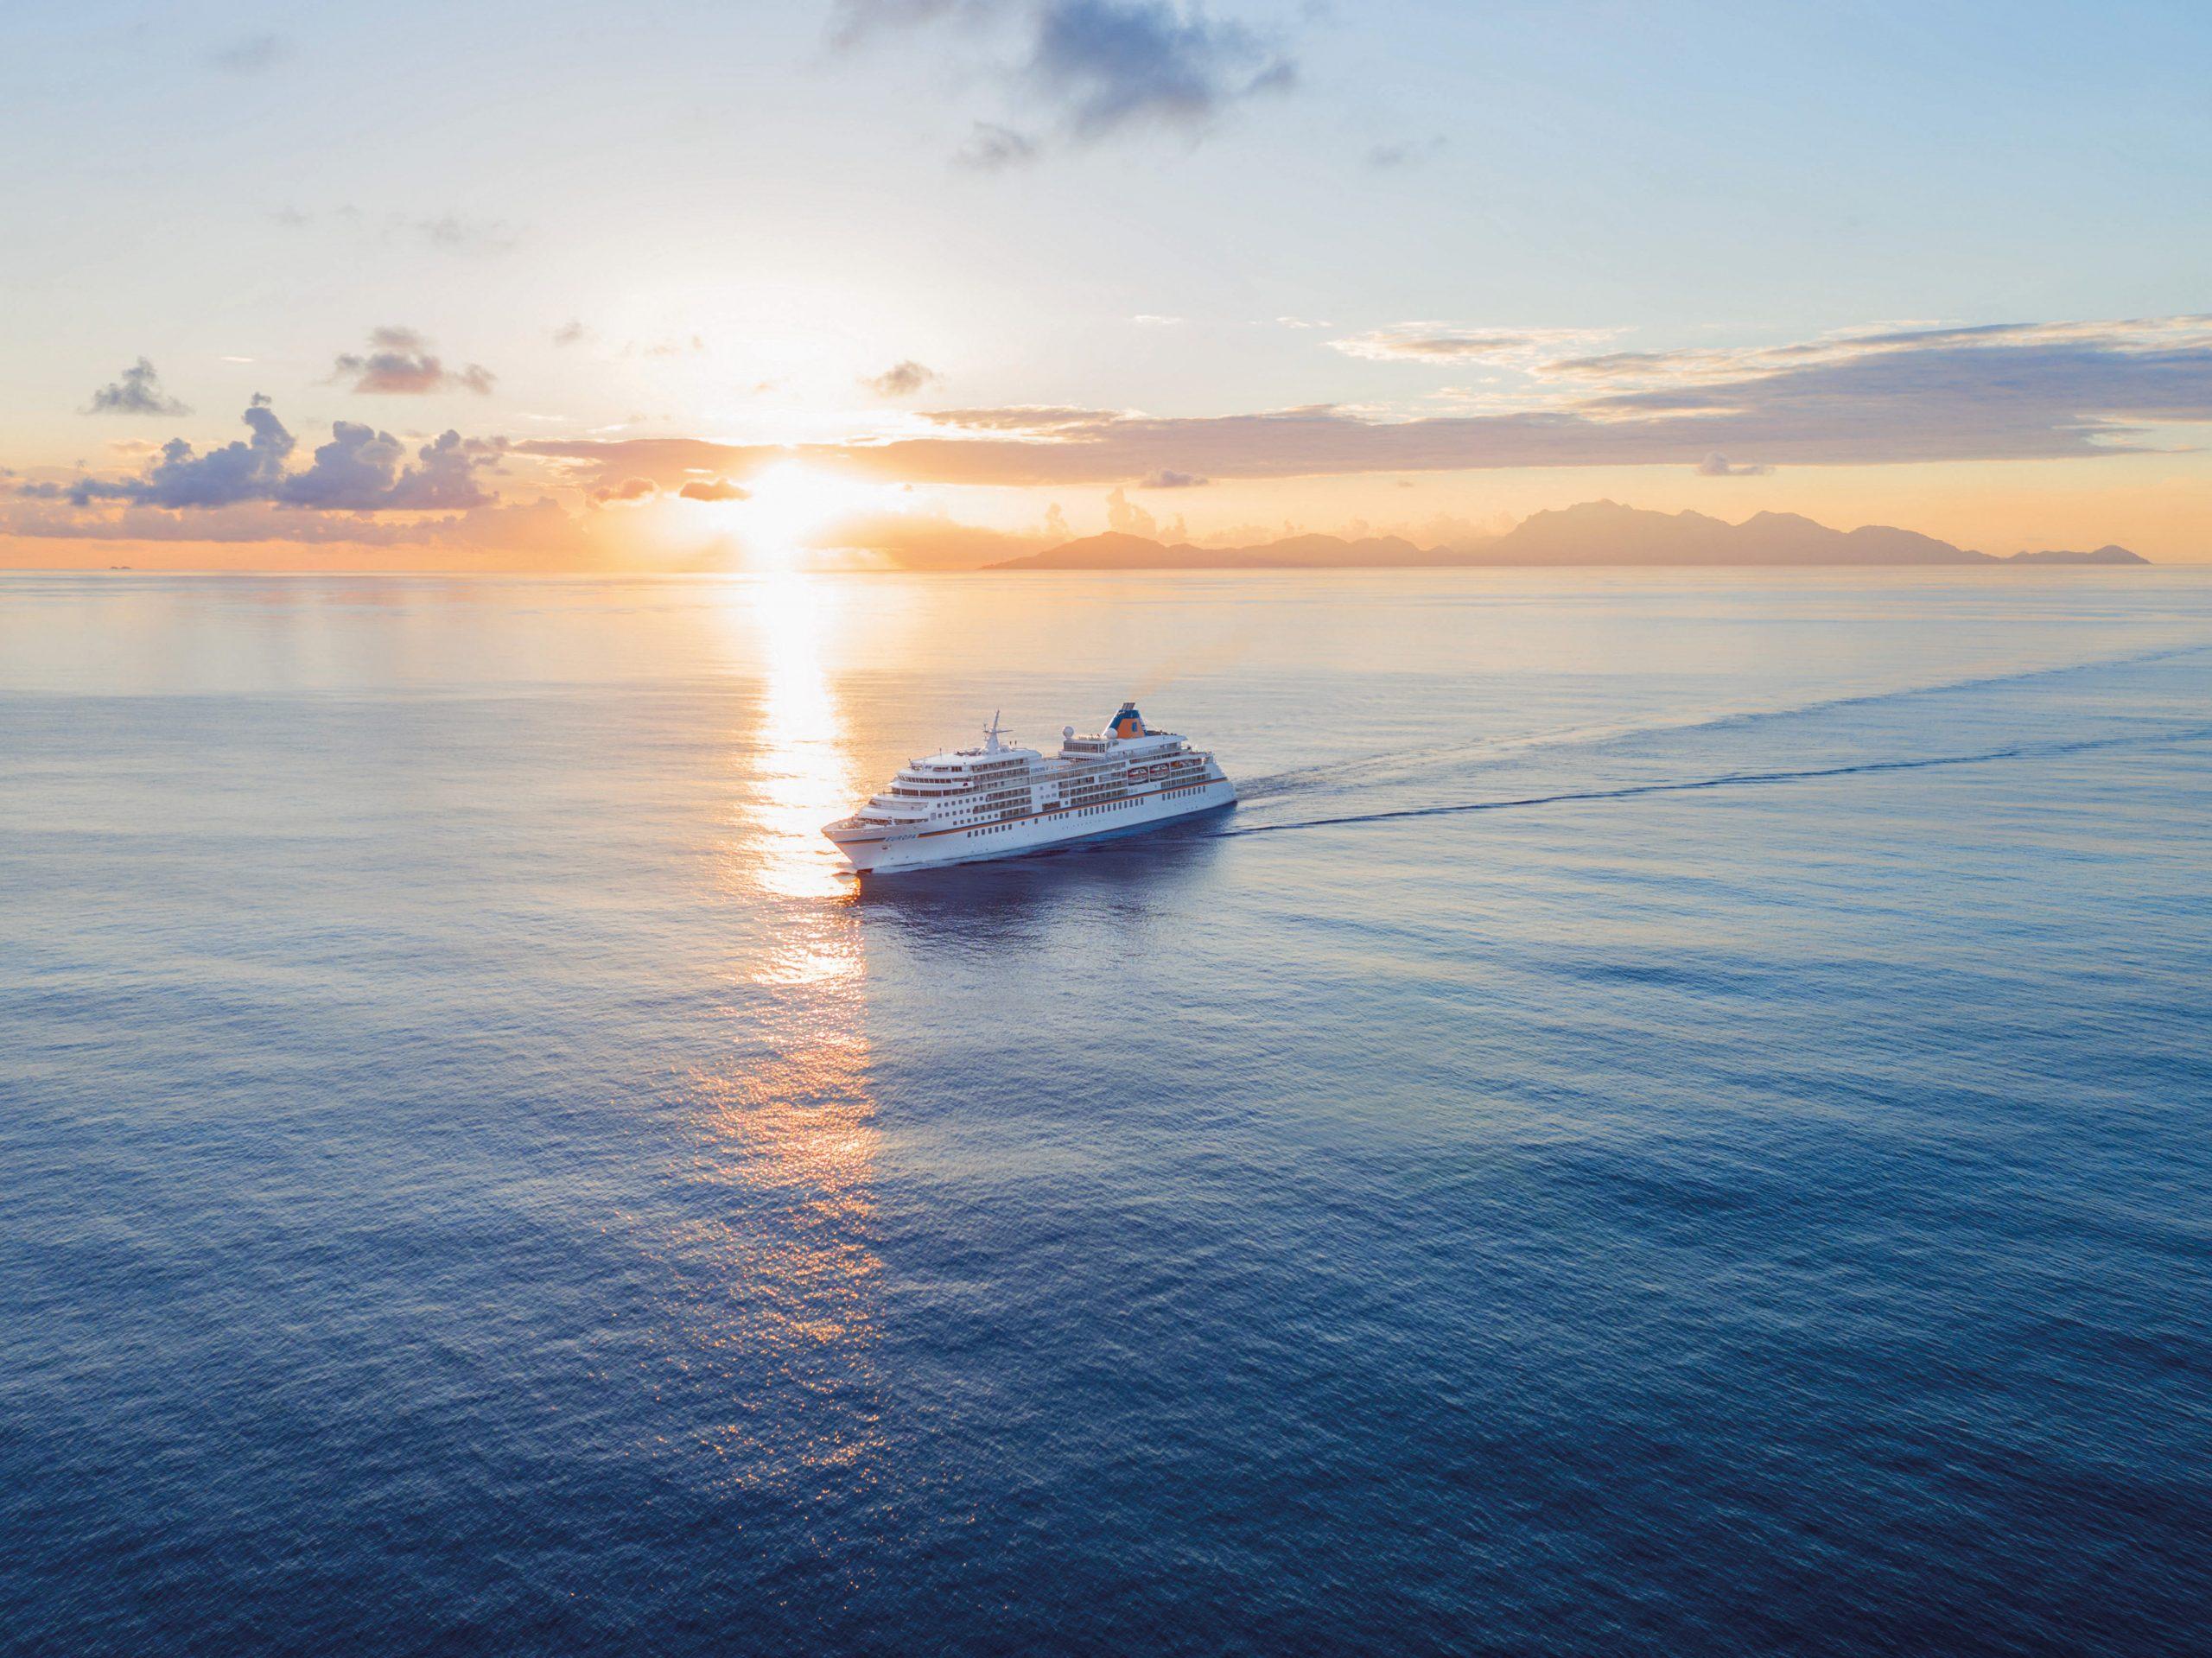 Hapag-Lloyd Cruises wird mit ihren vier Schiffe neue Routen in der Nord- und Ostsee fahren, bei denen auch in ausländischen Häfen angelegt werden kann.